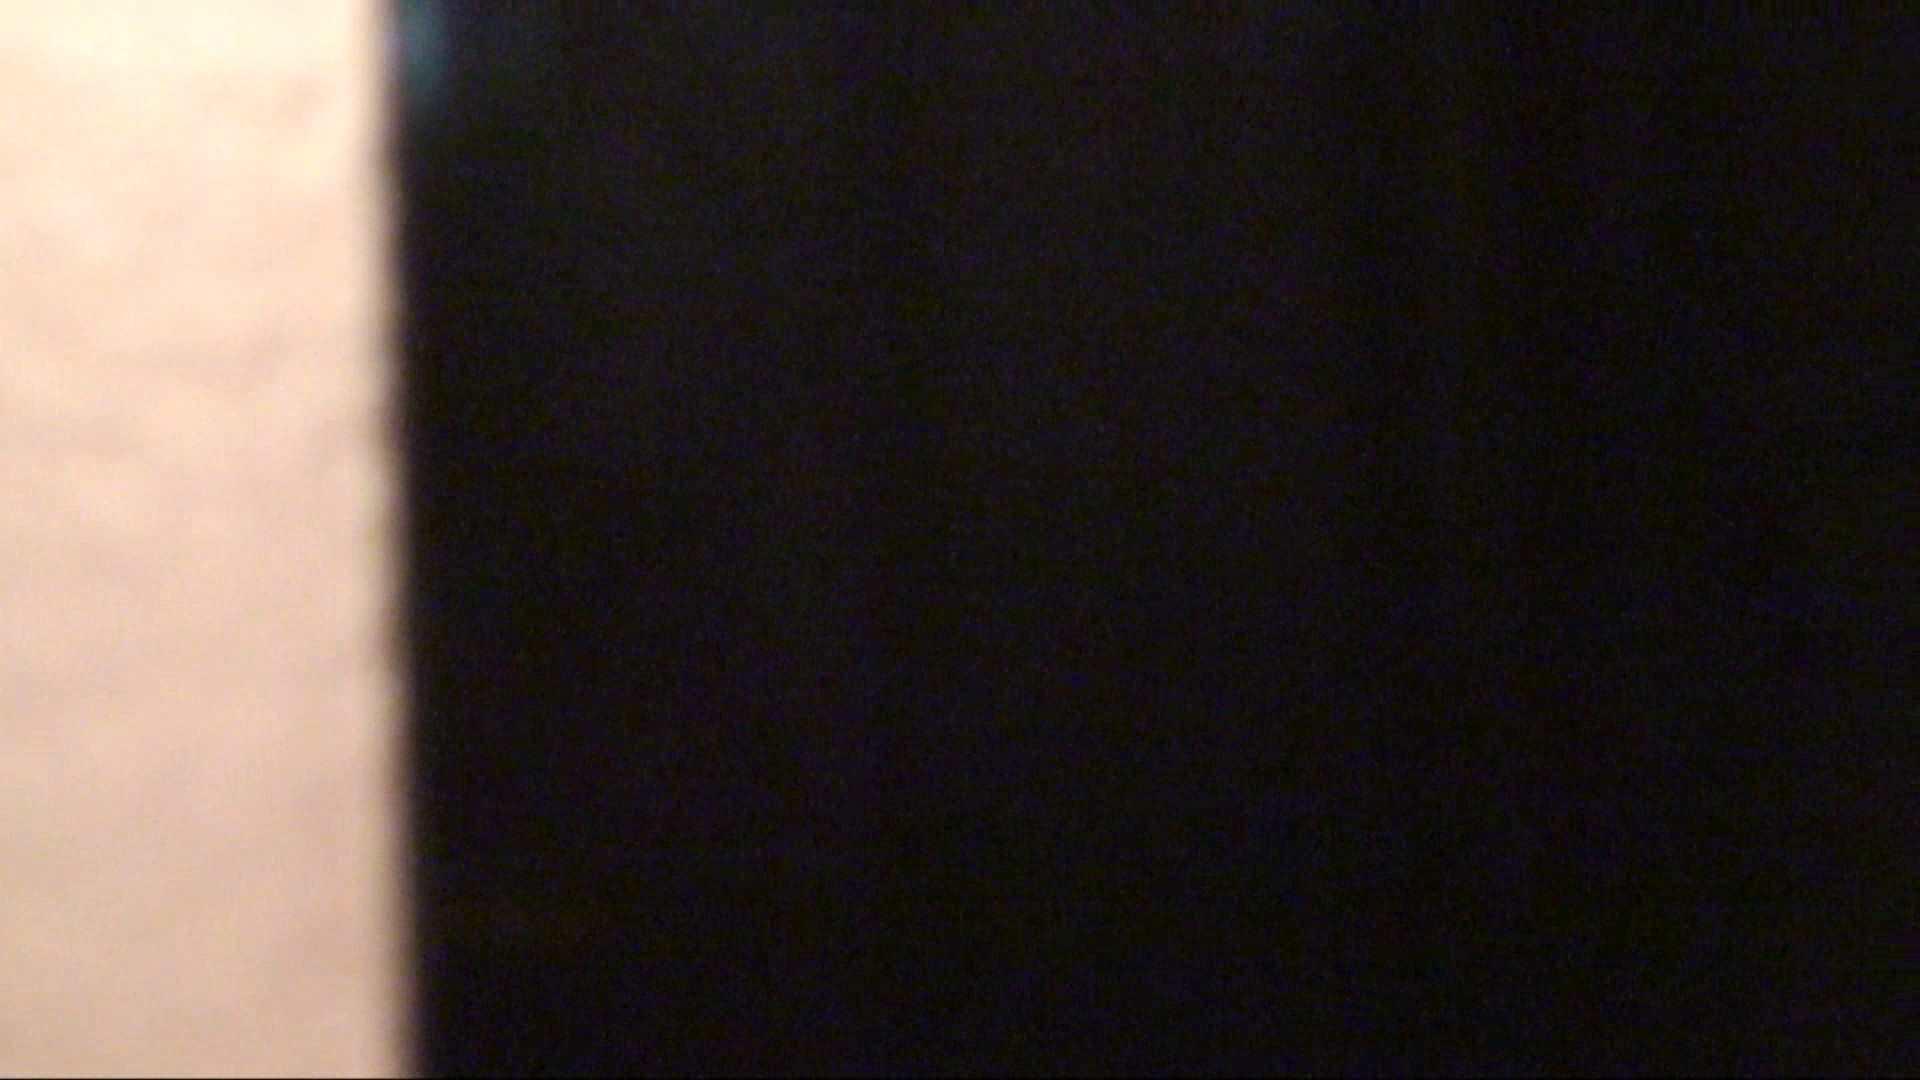 vol.01必見!白肌嬢の乳首が丸見え。極上美人のすっぴん顔をハイビジョンで! 覗き おめこ無修正動画無料 89pic 27